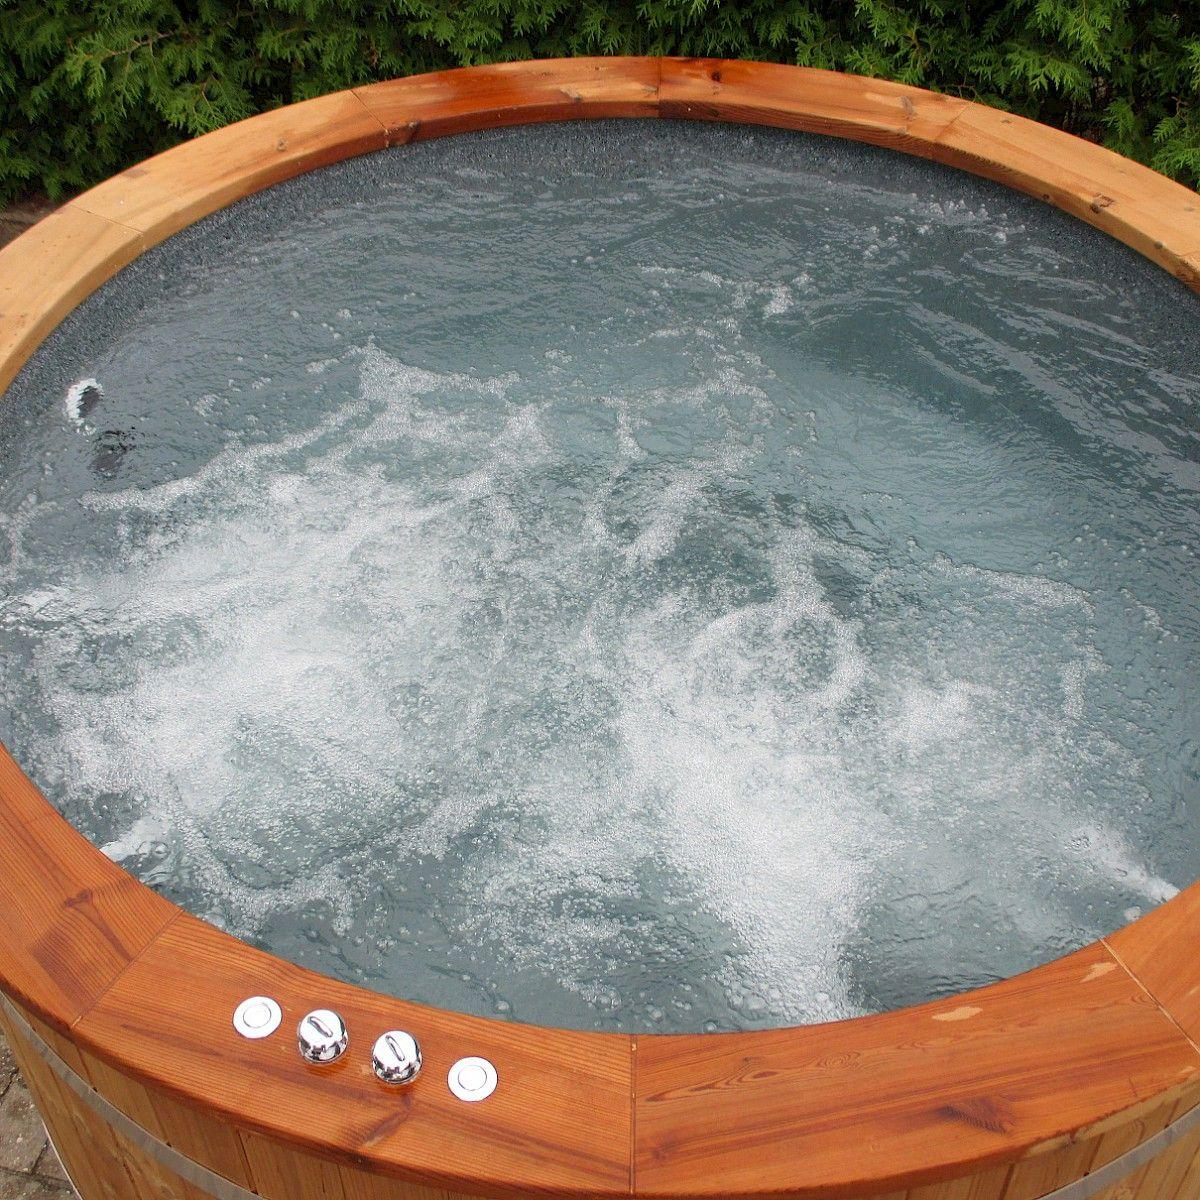 Garten Whirlpool Garten Jacuzzi Aussen Whirlpool Hot Tub Mit Sprudel Badetonne Mit Massageduesen Badezuber Garten Kaufen Whirlpool